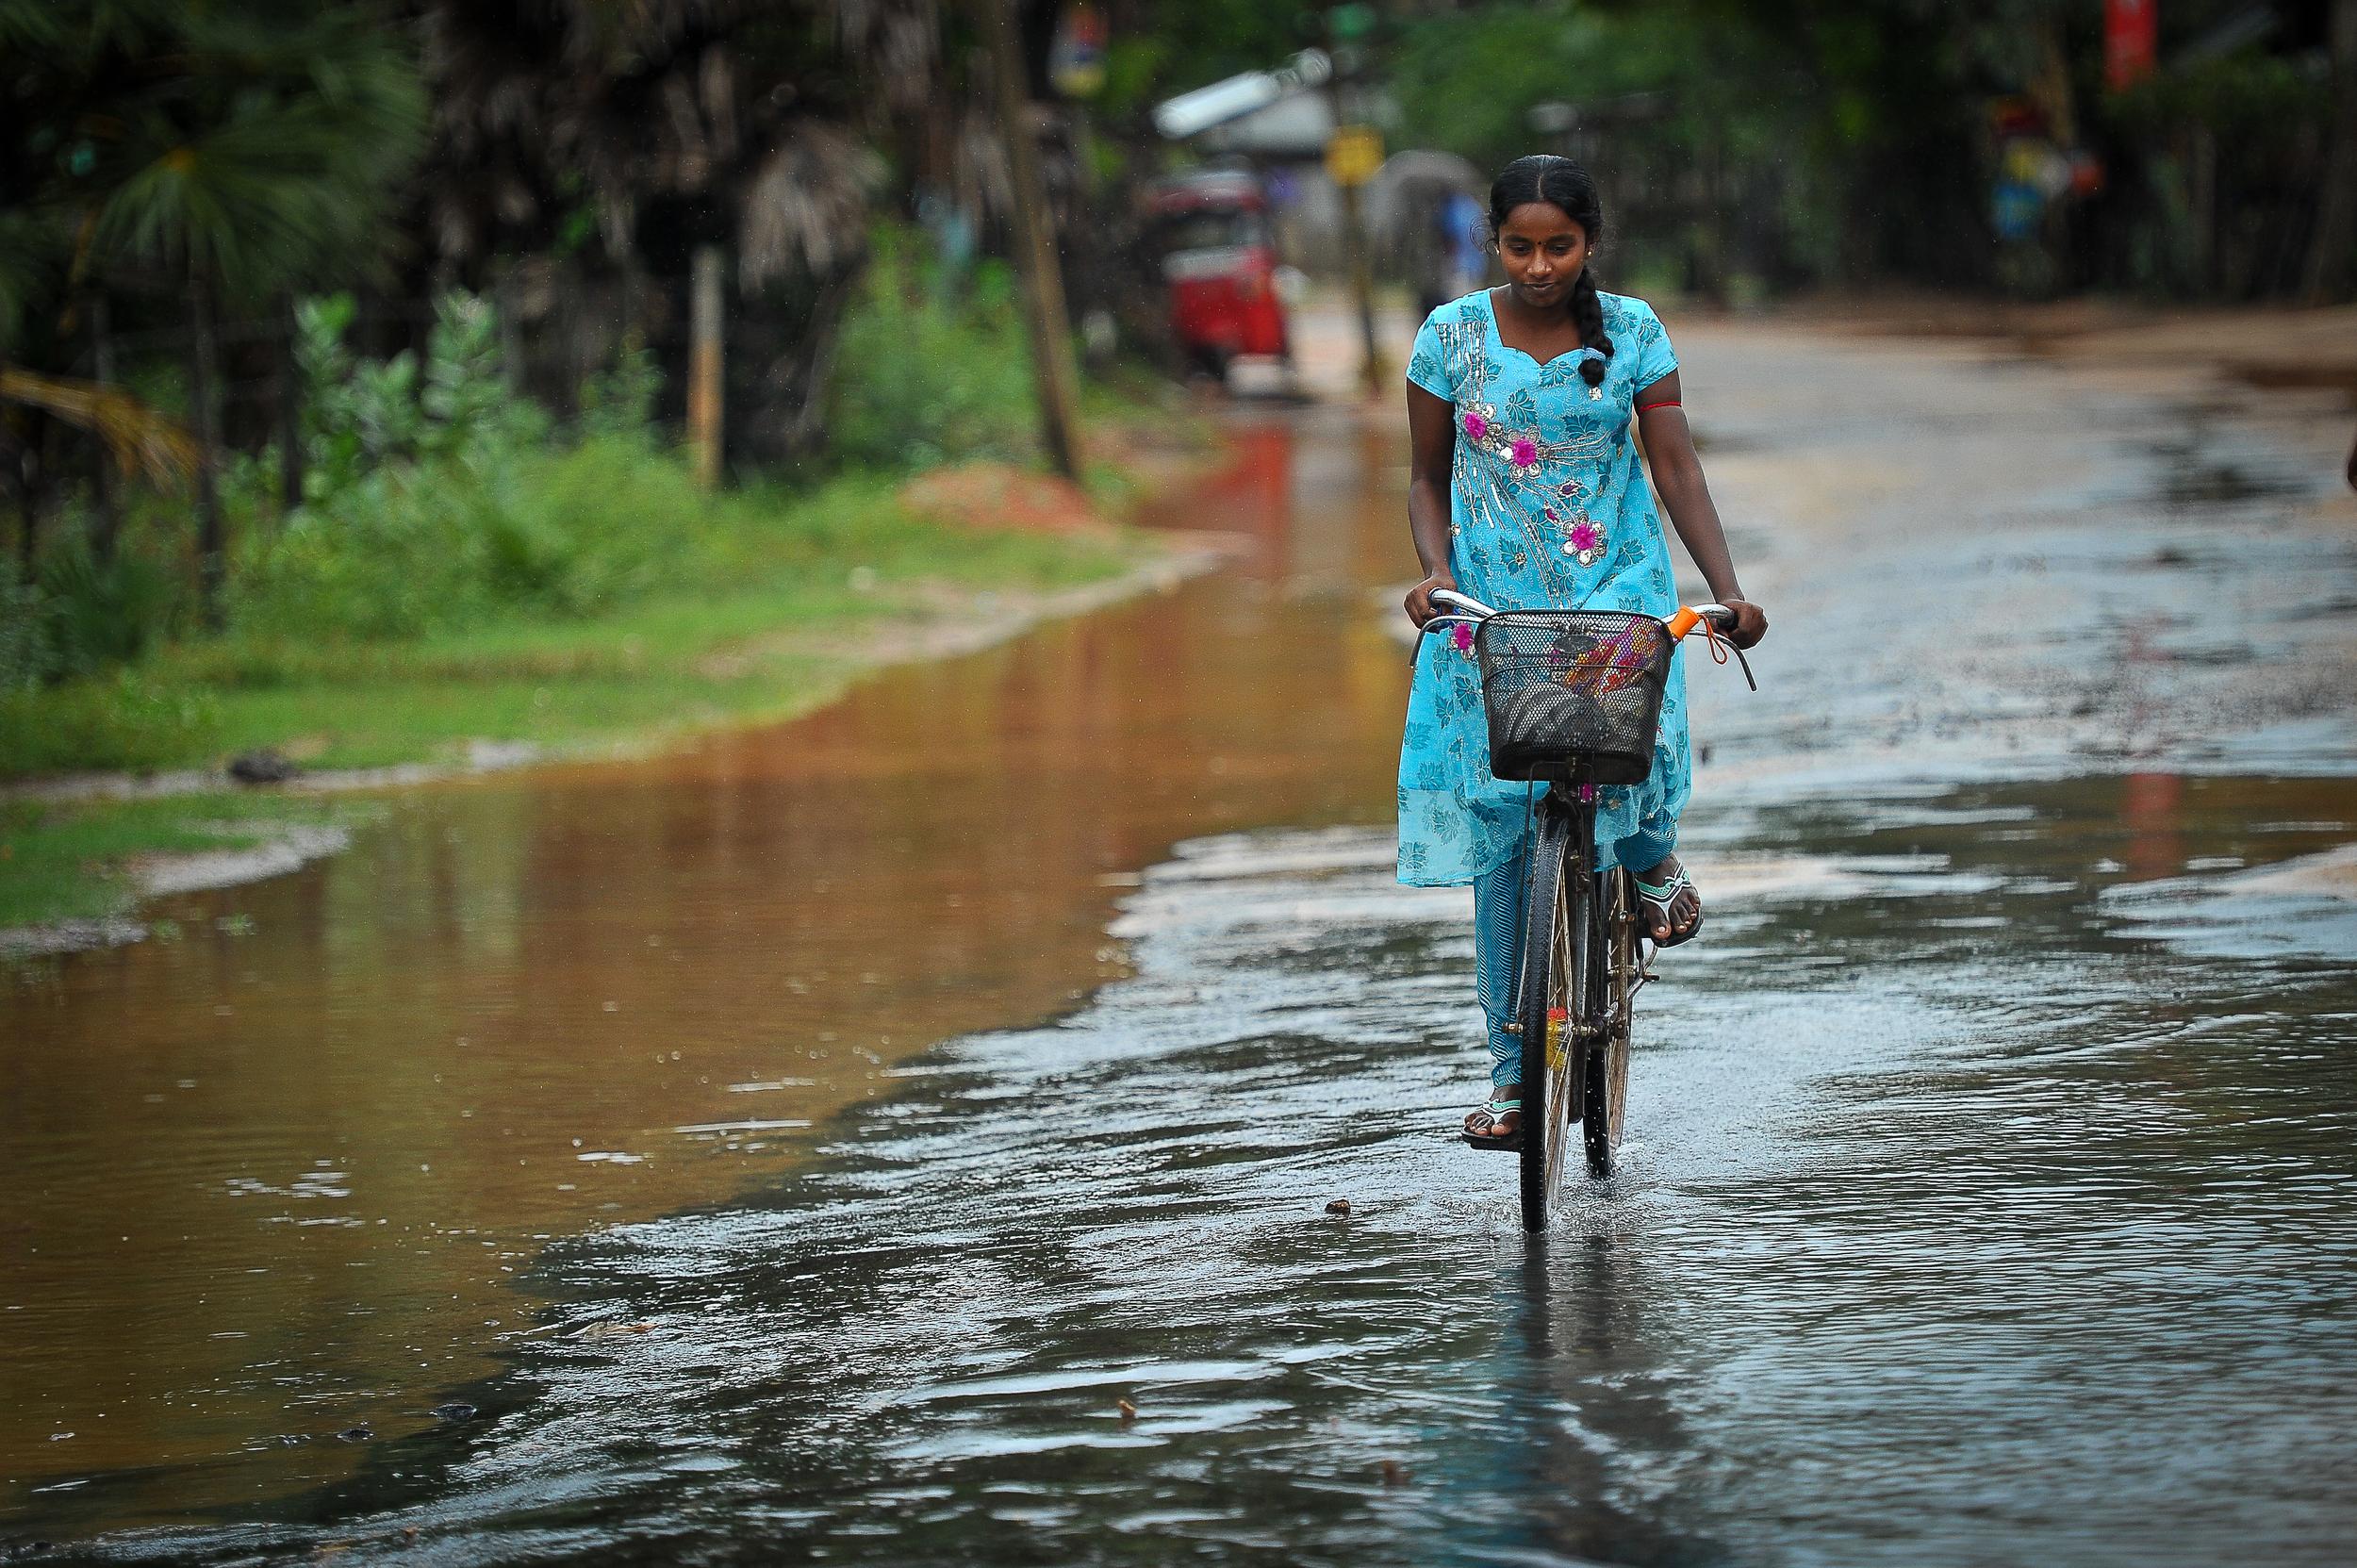 The Asia Foundation Sri Lanka 2012